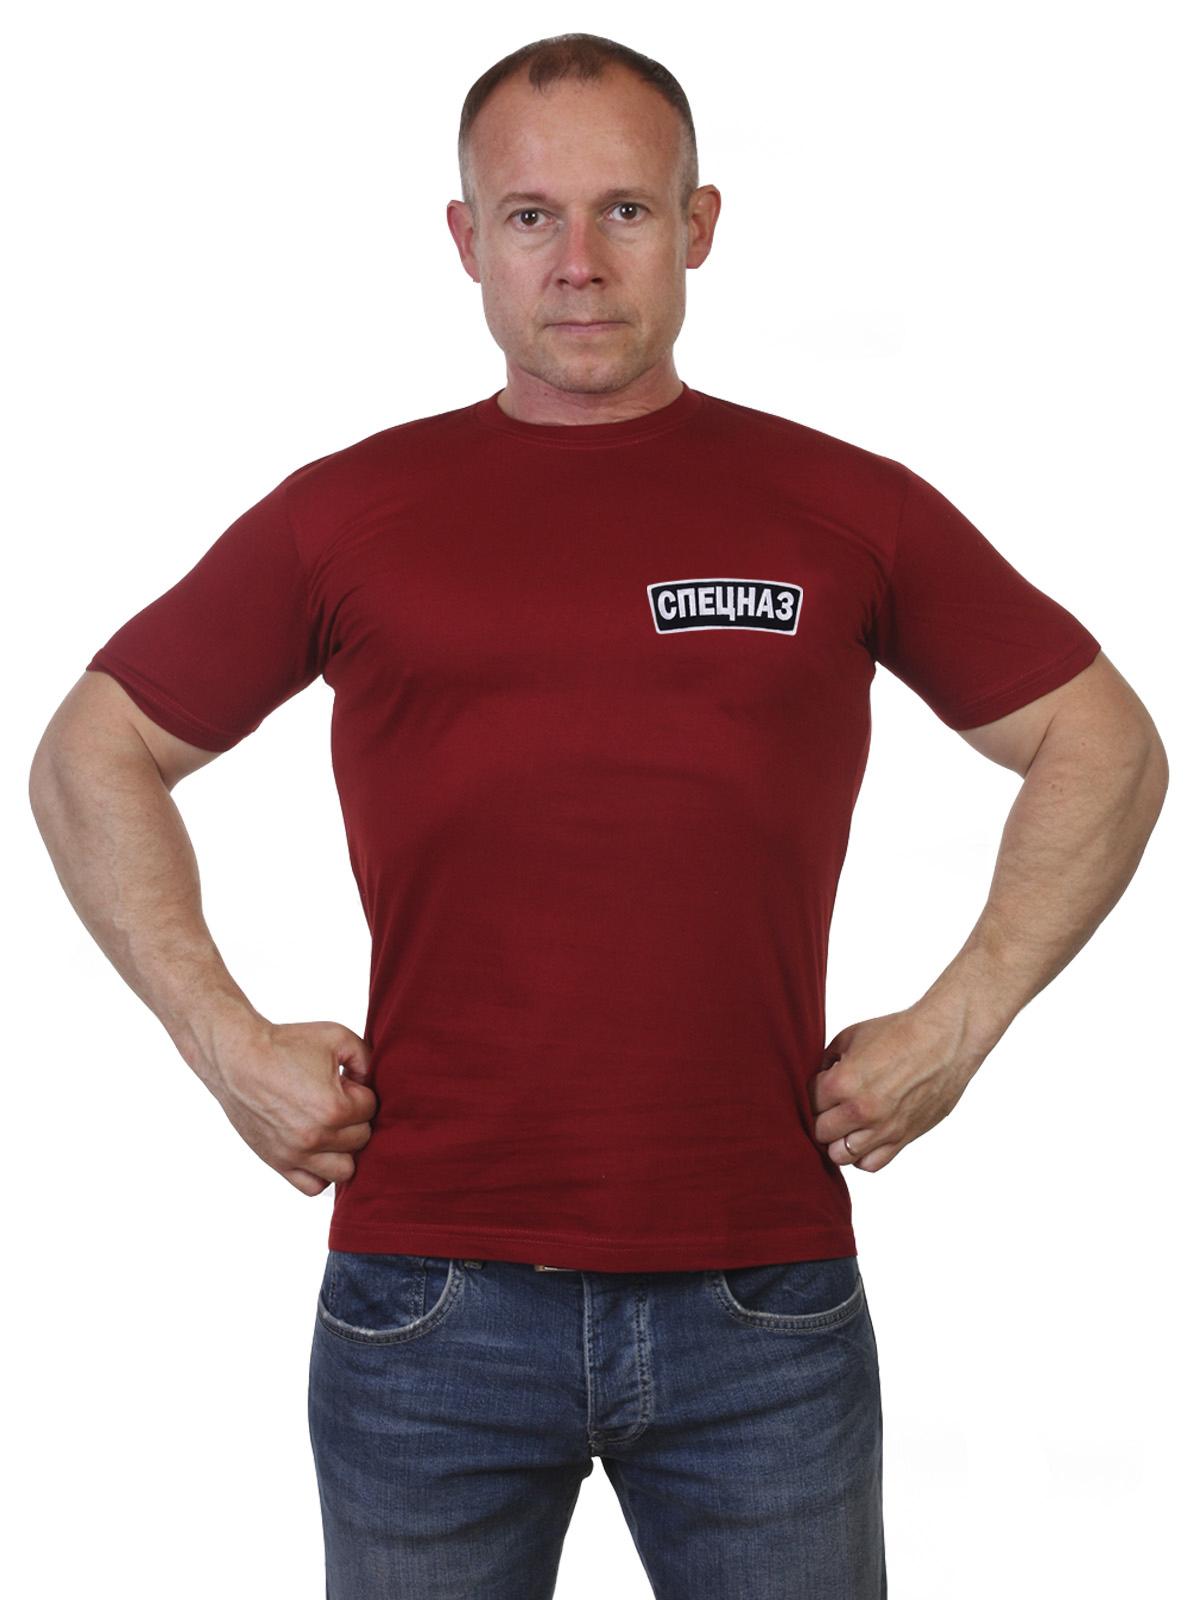 Купить спецназовскую футболку